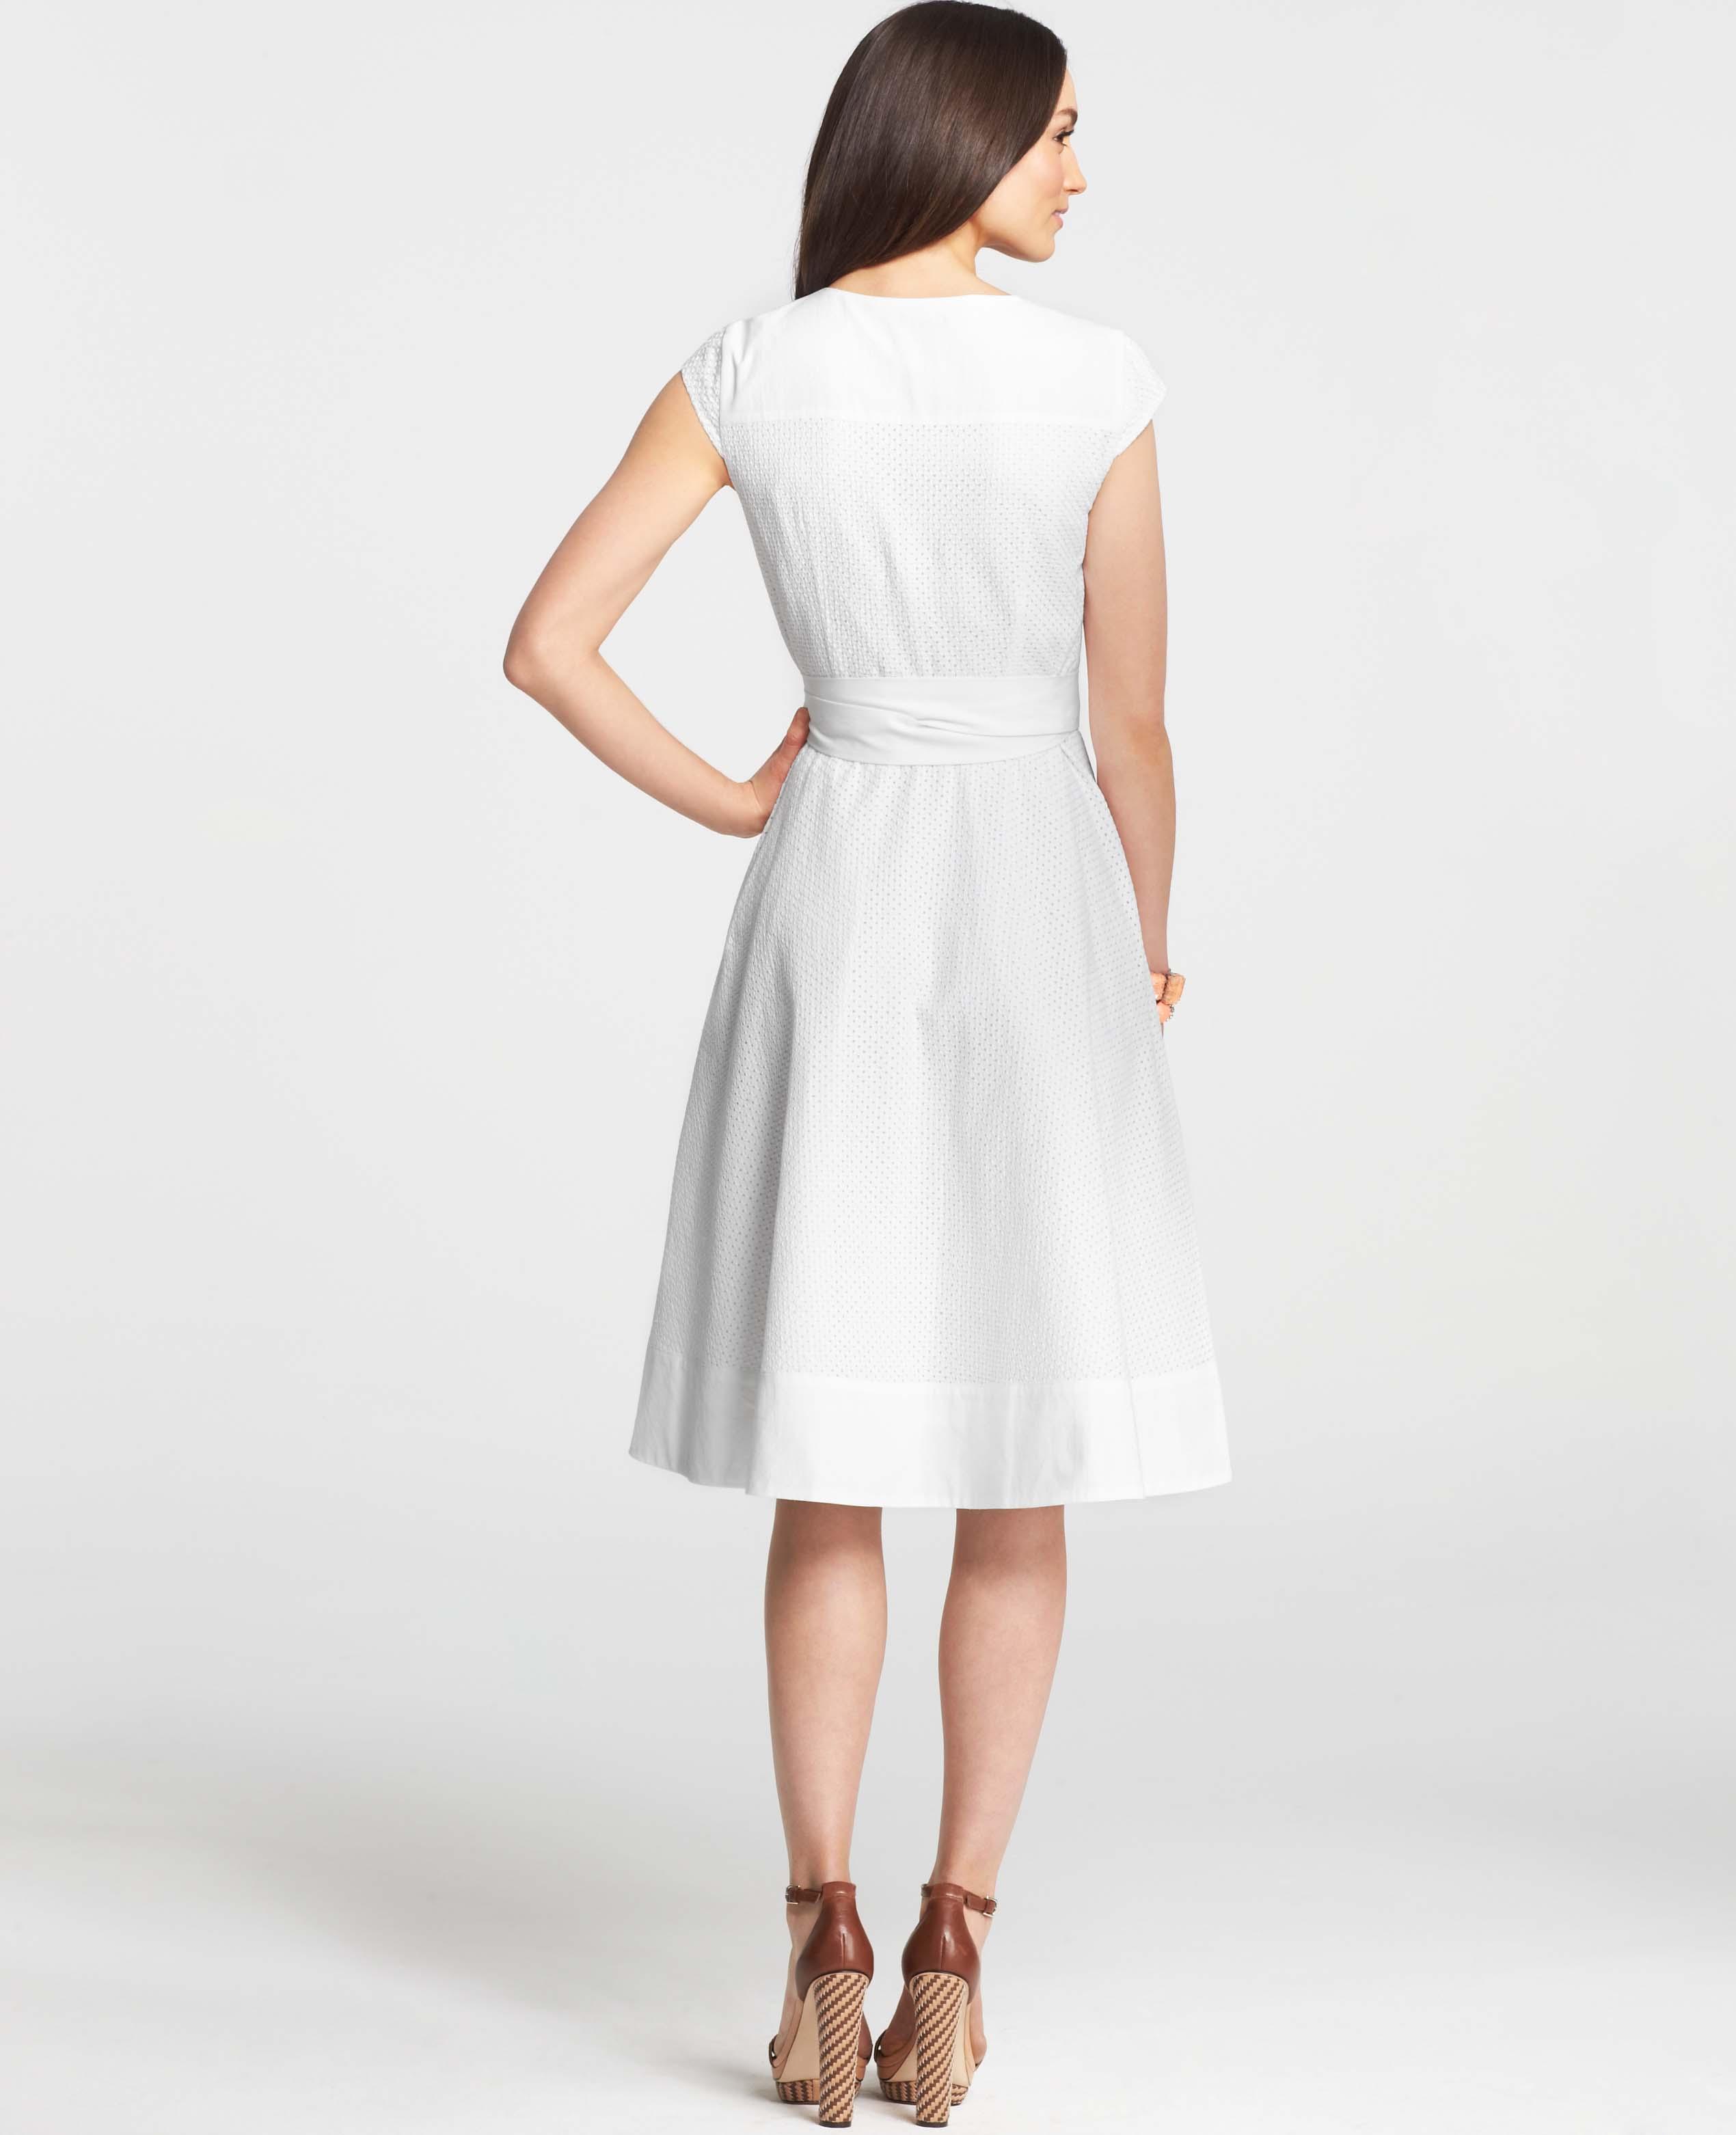 00c00a0d58e6 Lyst - Ann Taylor Cotton Eyelet Wrap Dress in White